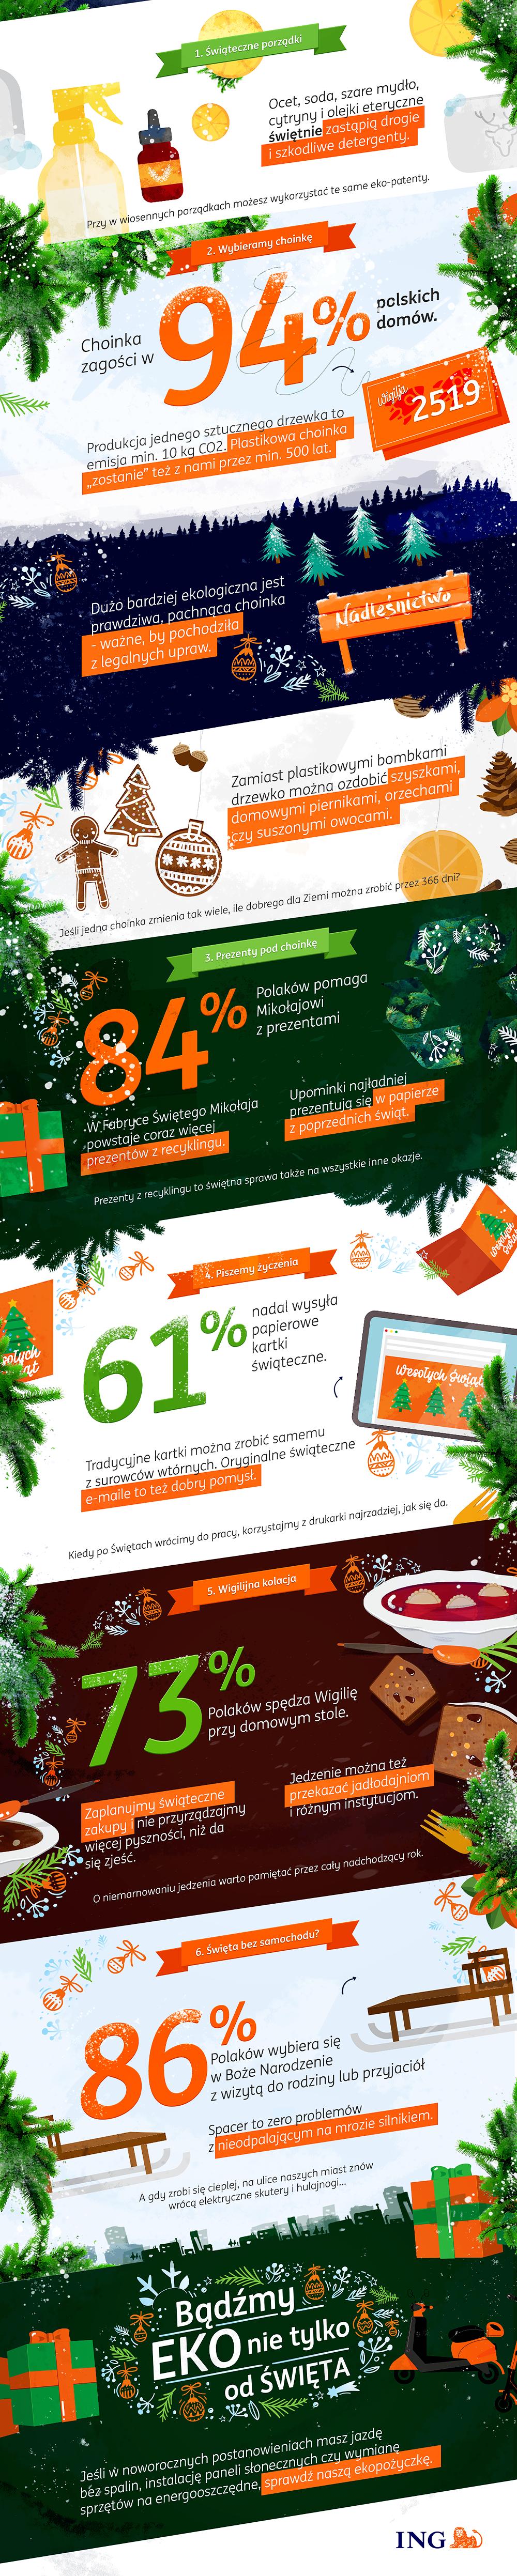 ING - nfografika - ekologiczne Boże Narodzenie - all - 2019-12-13.png